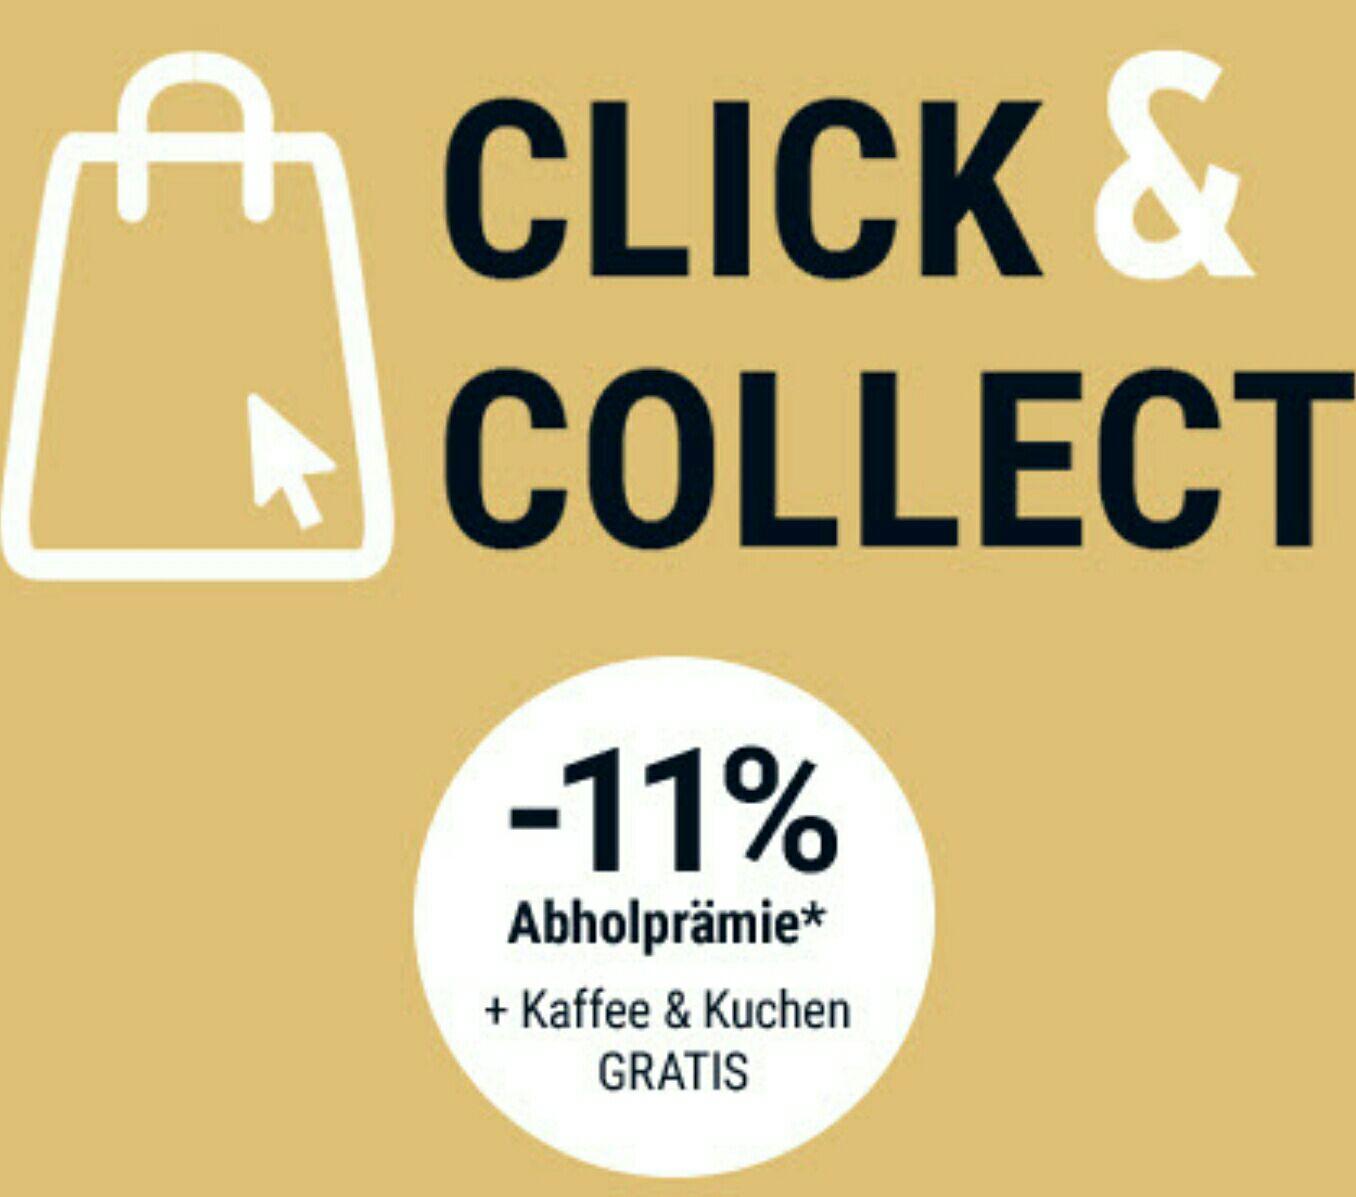 [Tchibo] GRATIS Kaffee & GRATIS Kuchen und -11% bei Click&Collect